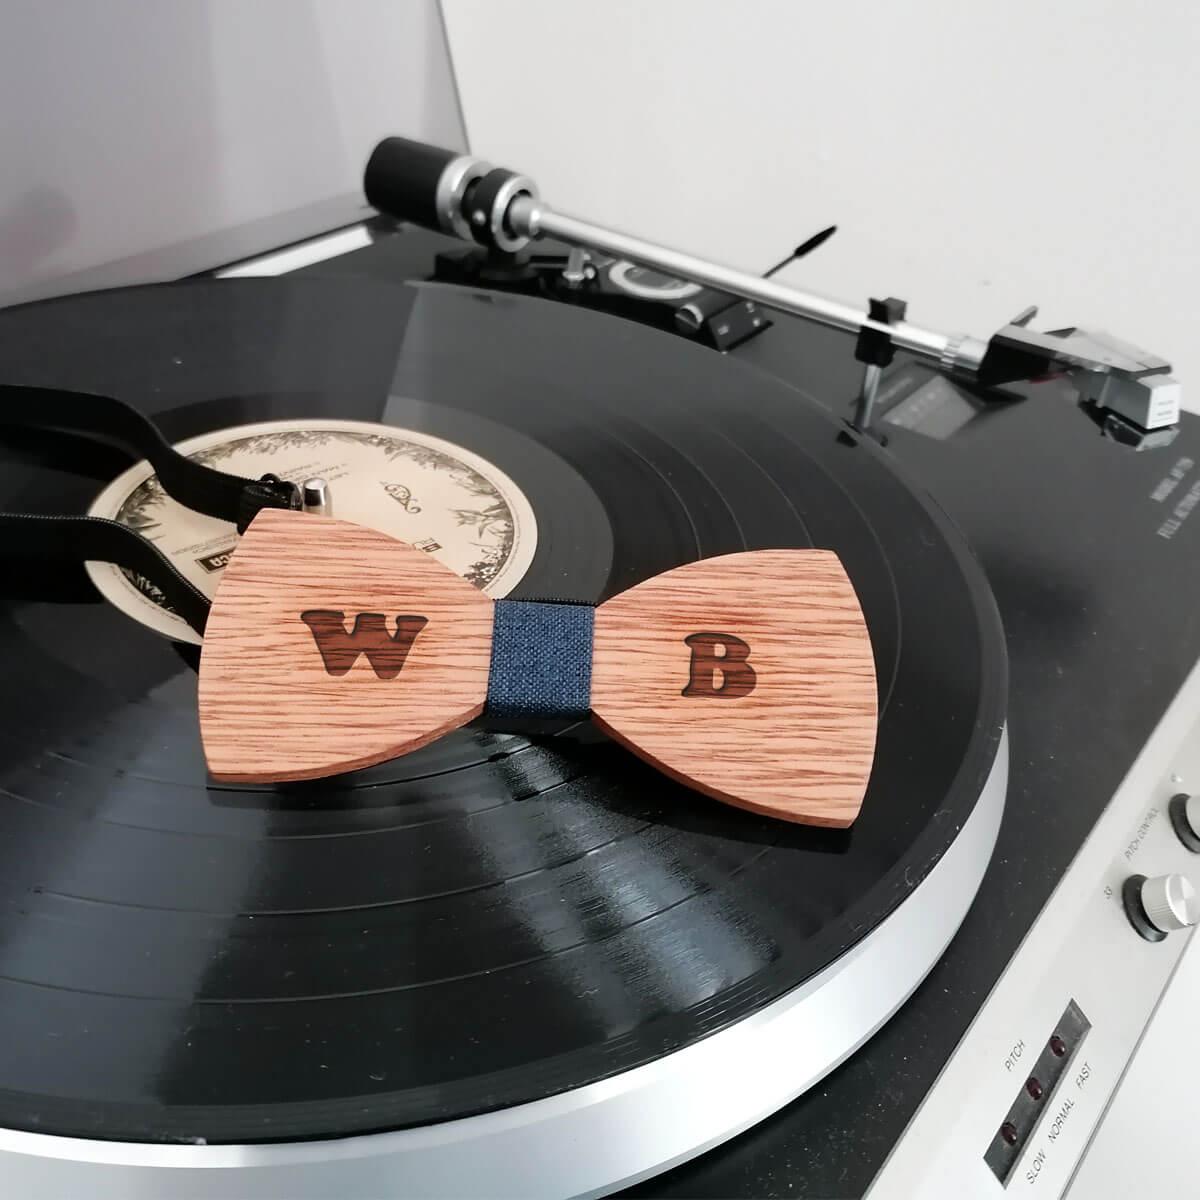 Persoanliseer deze houten stik met naam of initialen